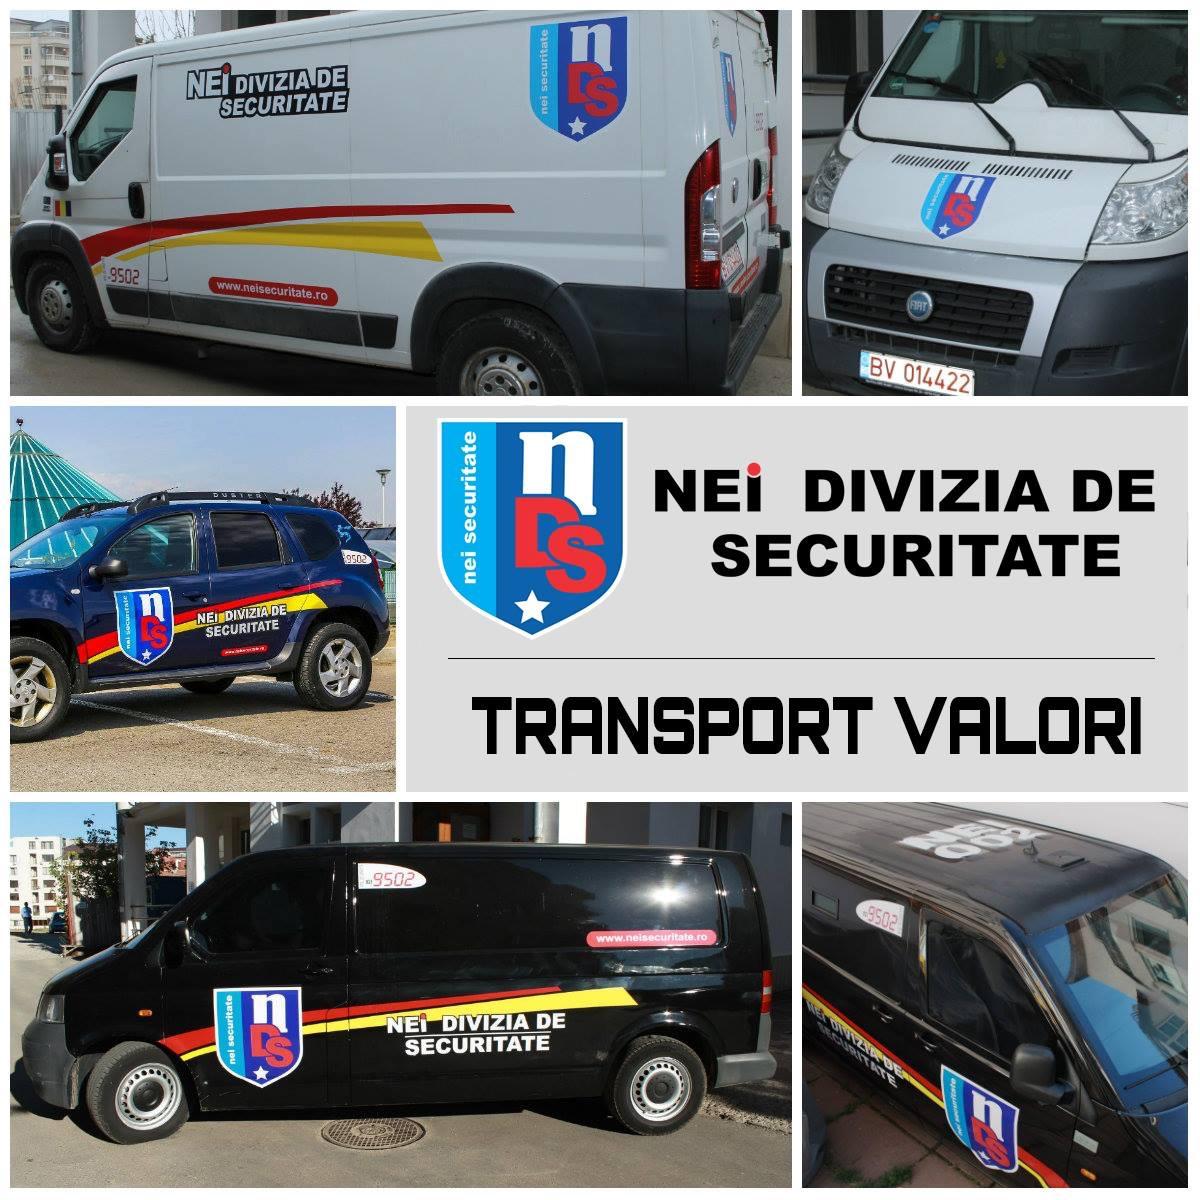 Transport valori